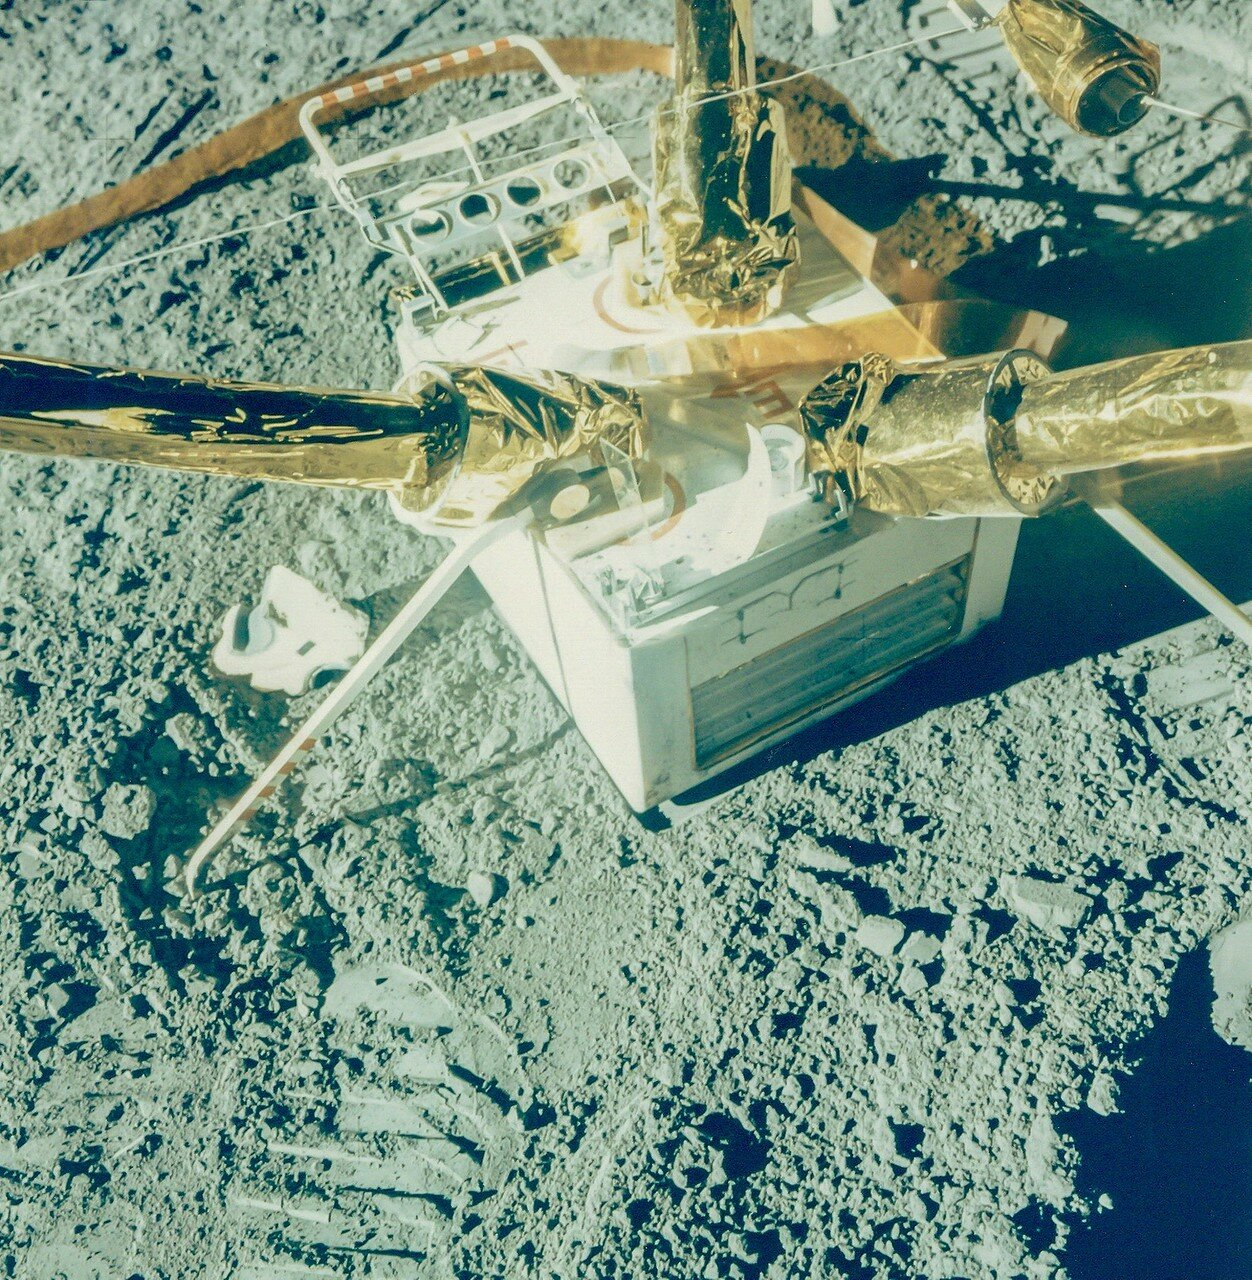 Скотт, сев на «Лунный Ровер», должен был в это время найти подходящее ровное место и отвезти к нему лазерный отражатель и буровую установку. На снимке: Лазерный отражатель